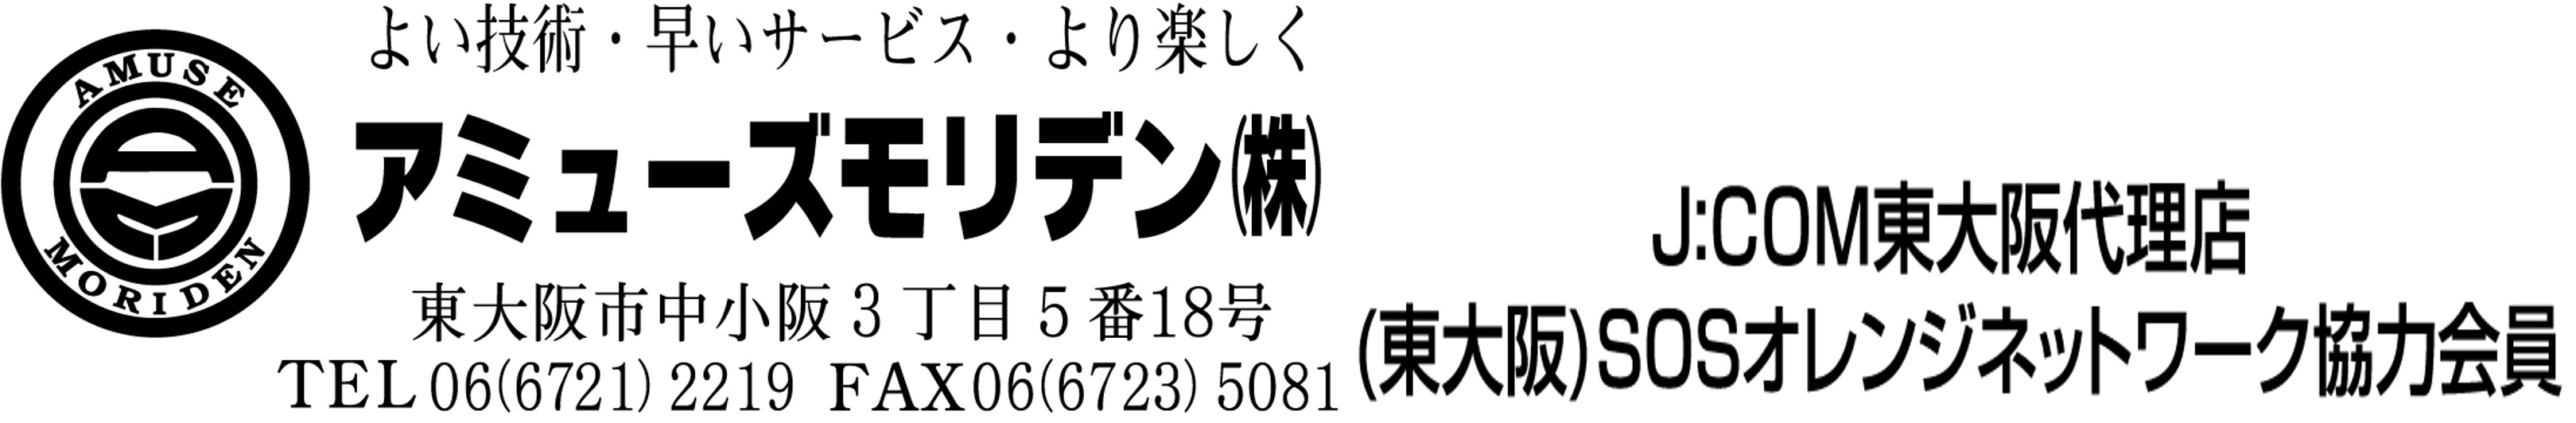 東大阪市の電気の事からお家のお困りごとならお任せください アミューズモリデン